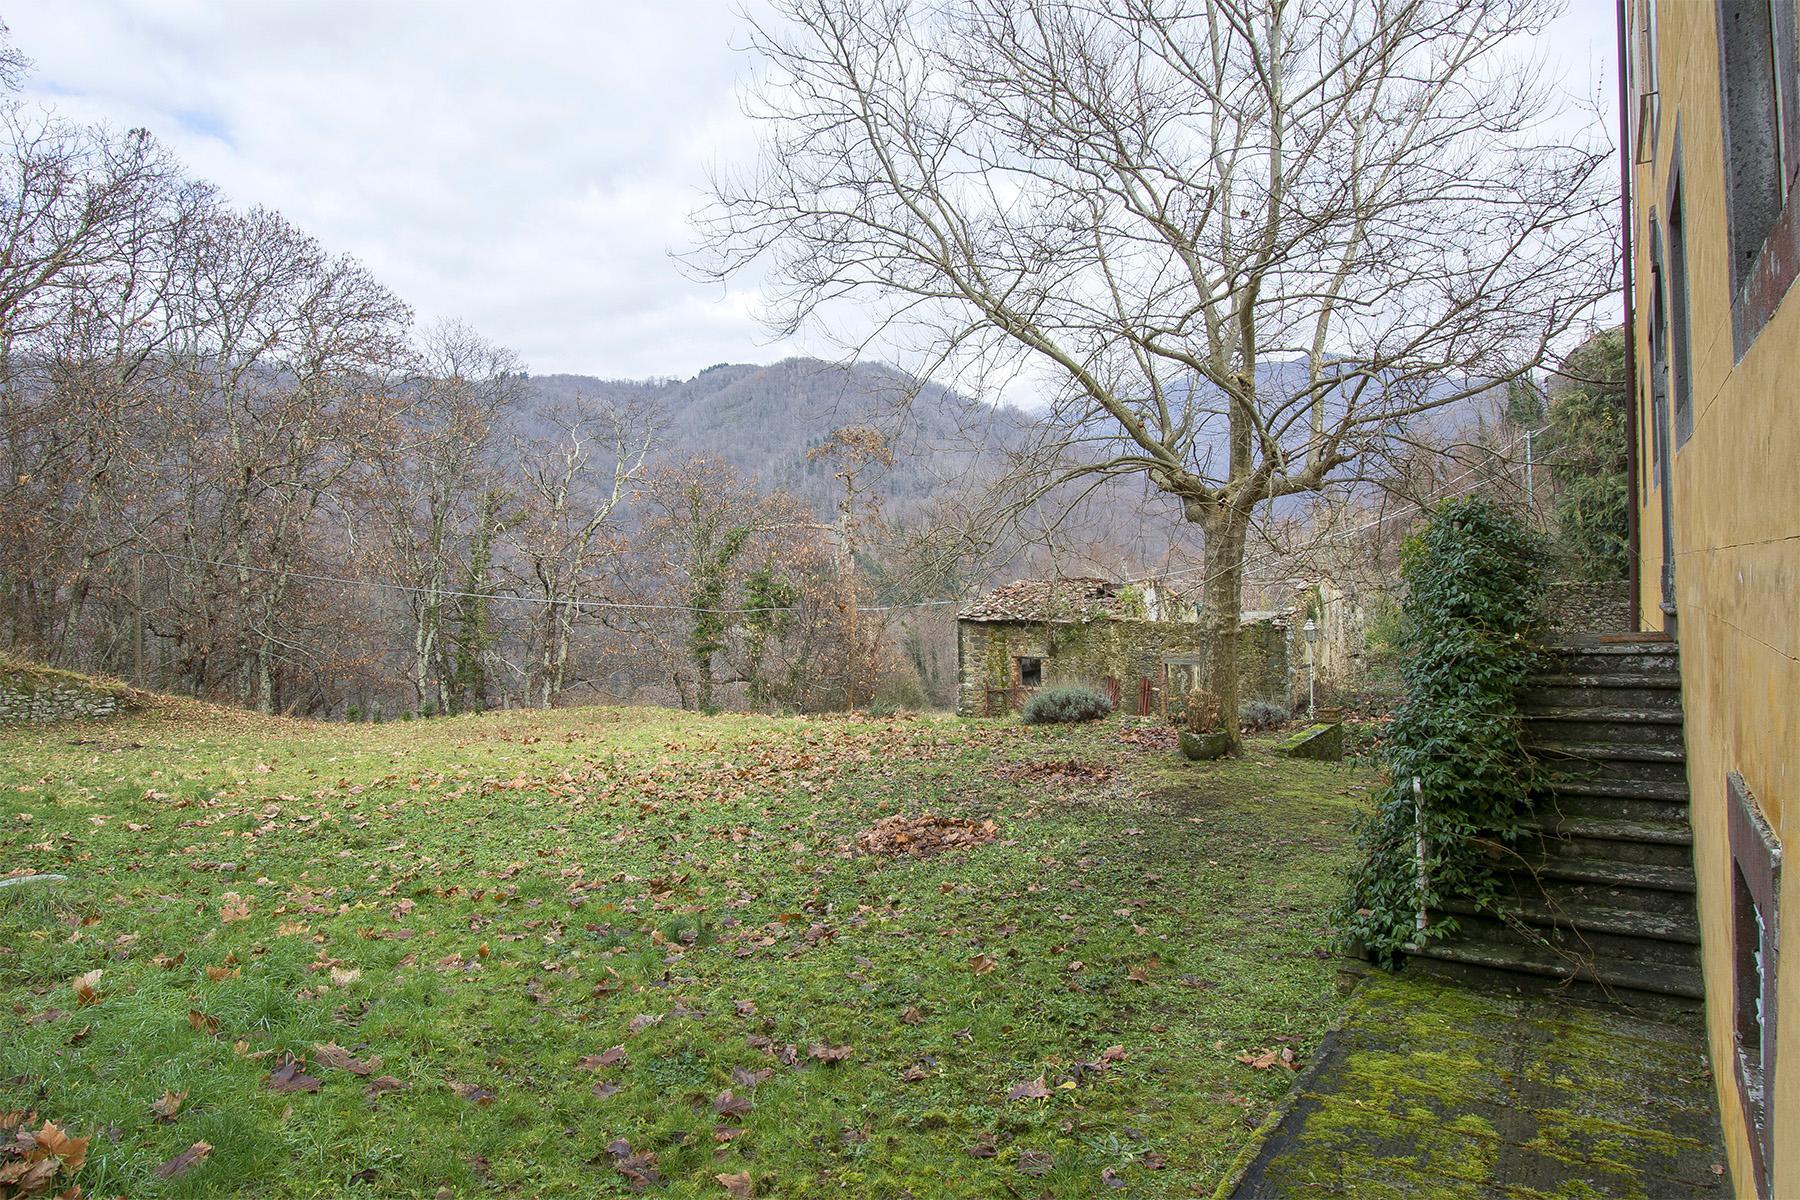 Villa historique près d'un village toscan médiéval - 22